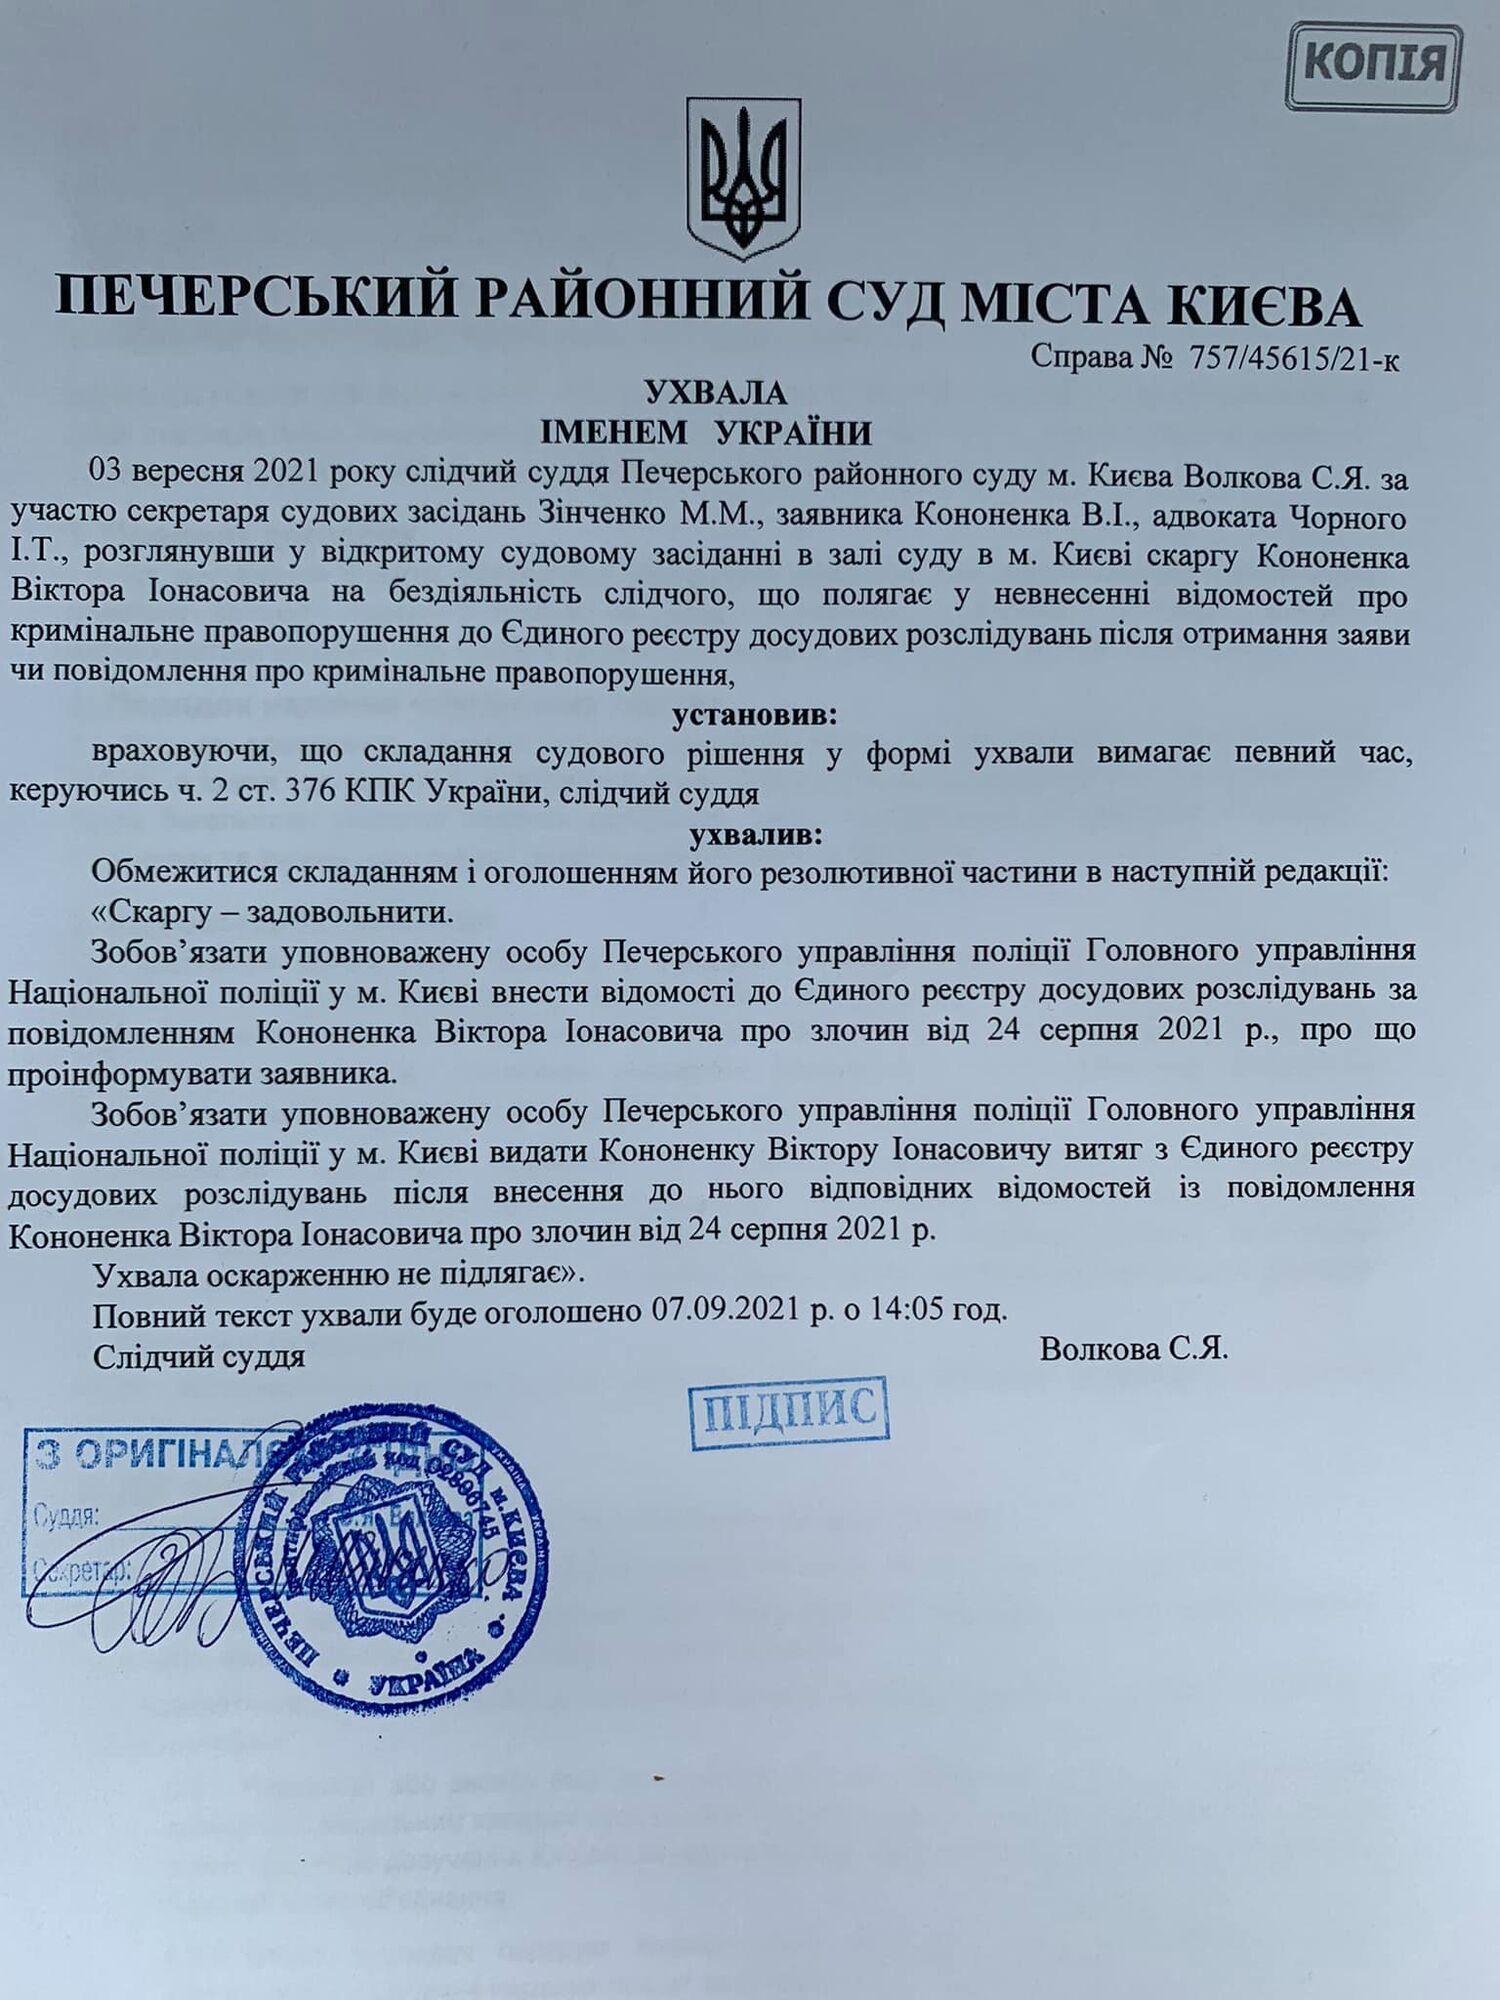 Печерский суд обязал райуправление Нацполиции зарегистрировать уголовное производство о совершении нападения на Порошенко